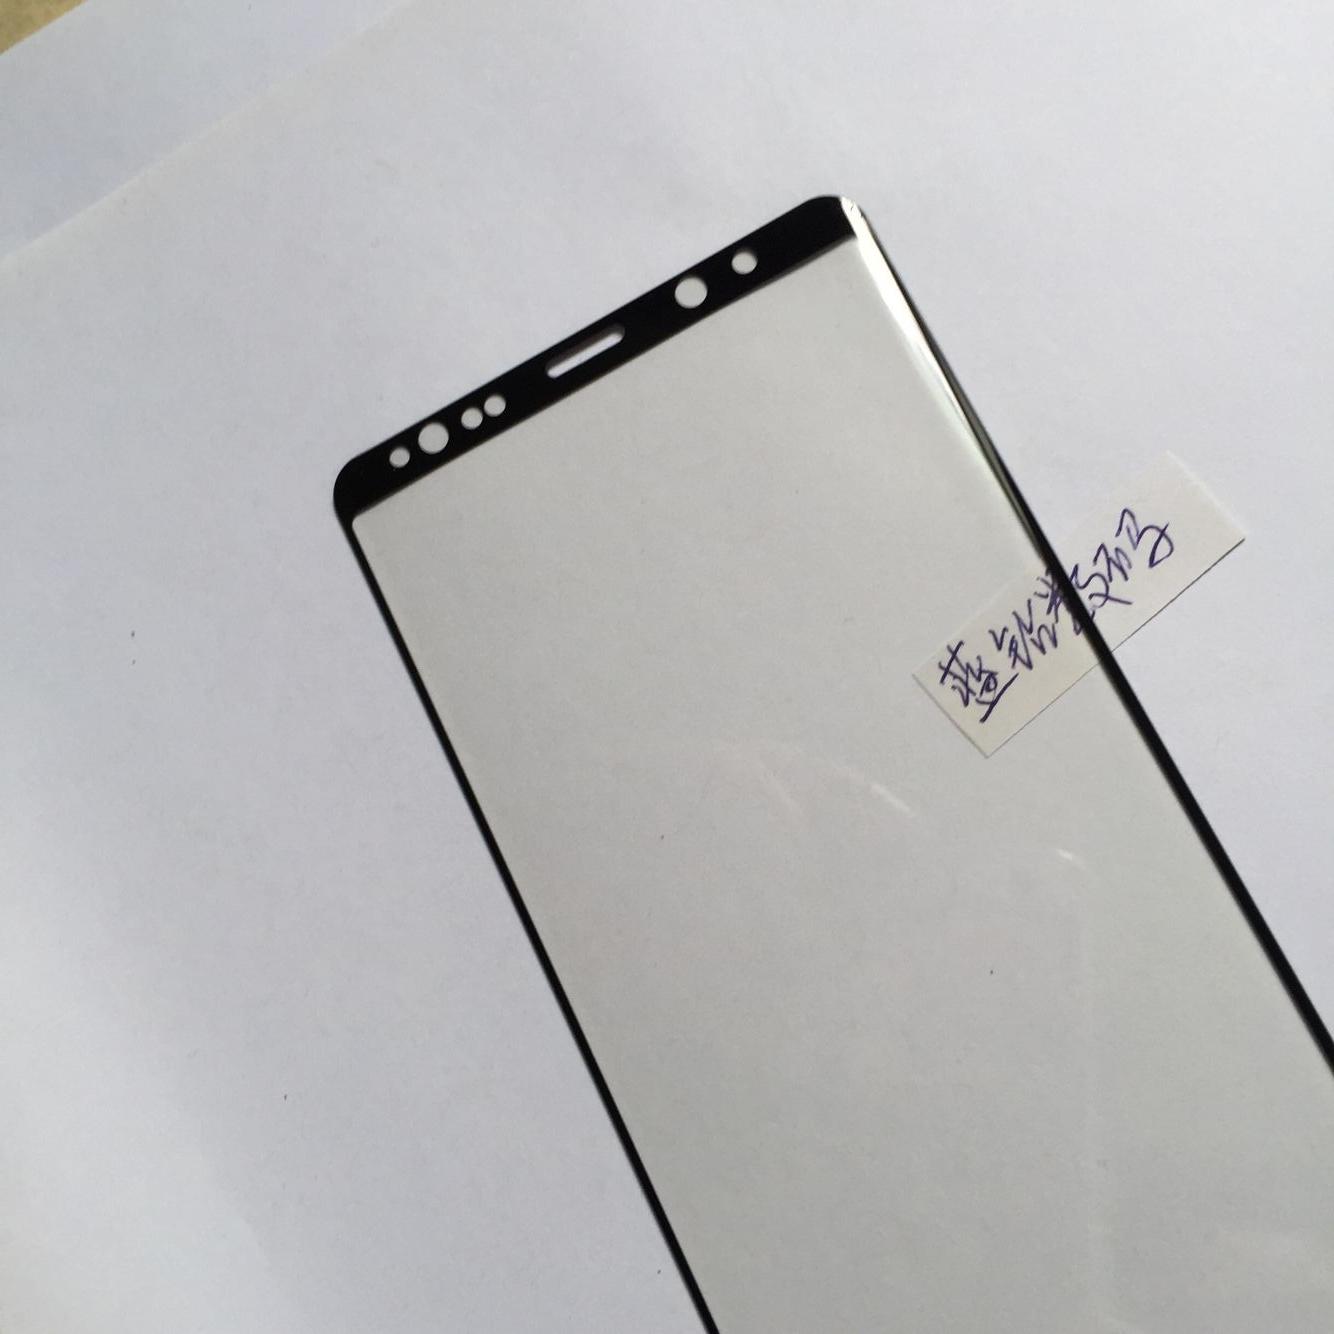 三星Note8钢化膜 全屏曲面 SAMSUN N9500防爆膜 耐用防划手机贴膜屏幕保护膜 3D超清晰9H硬度 无气泡 圆边设计  (三星Note8 6.3寸, 全屏版,缩小版皮套专用/缩小版皮套专用/3D内缩版)